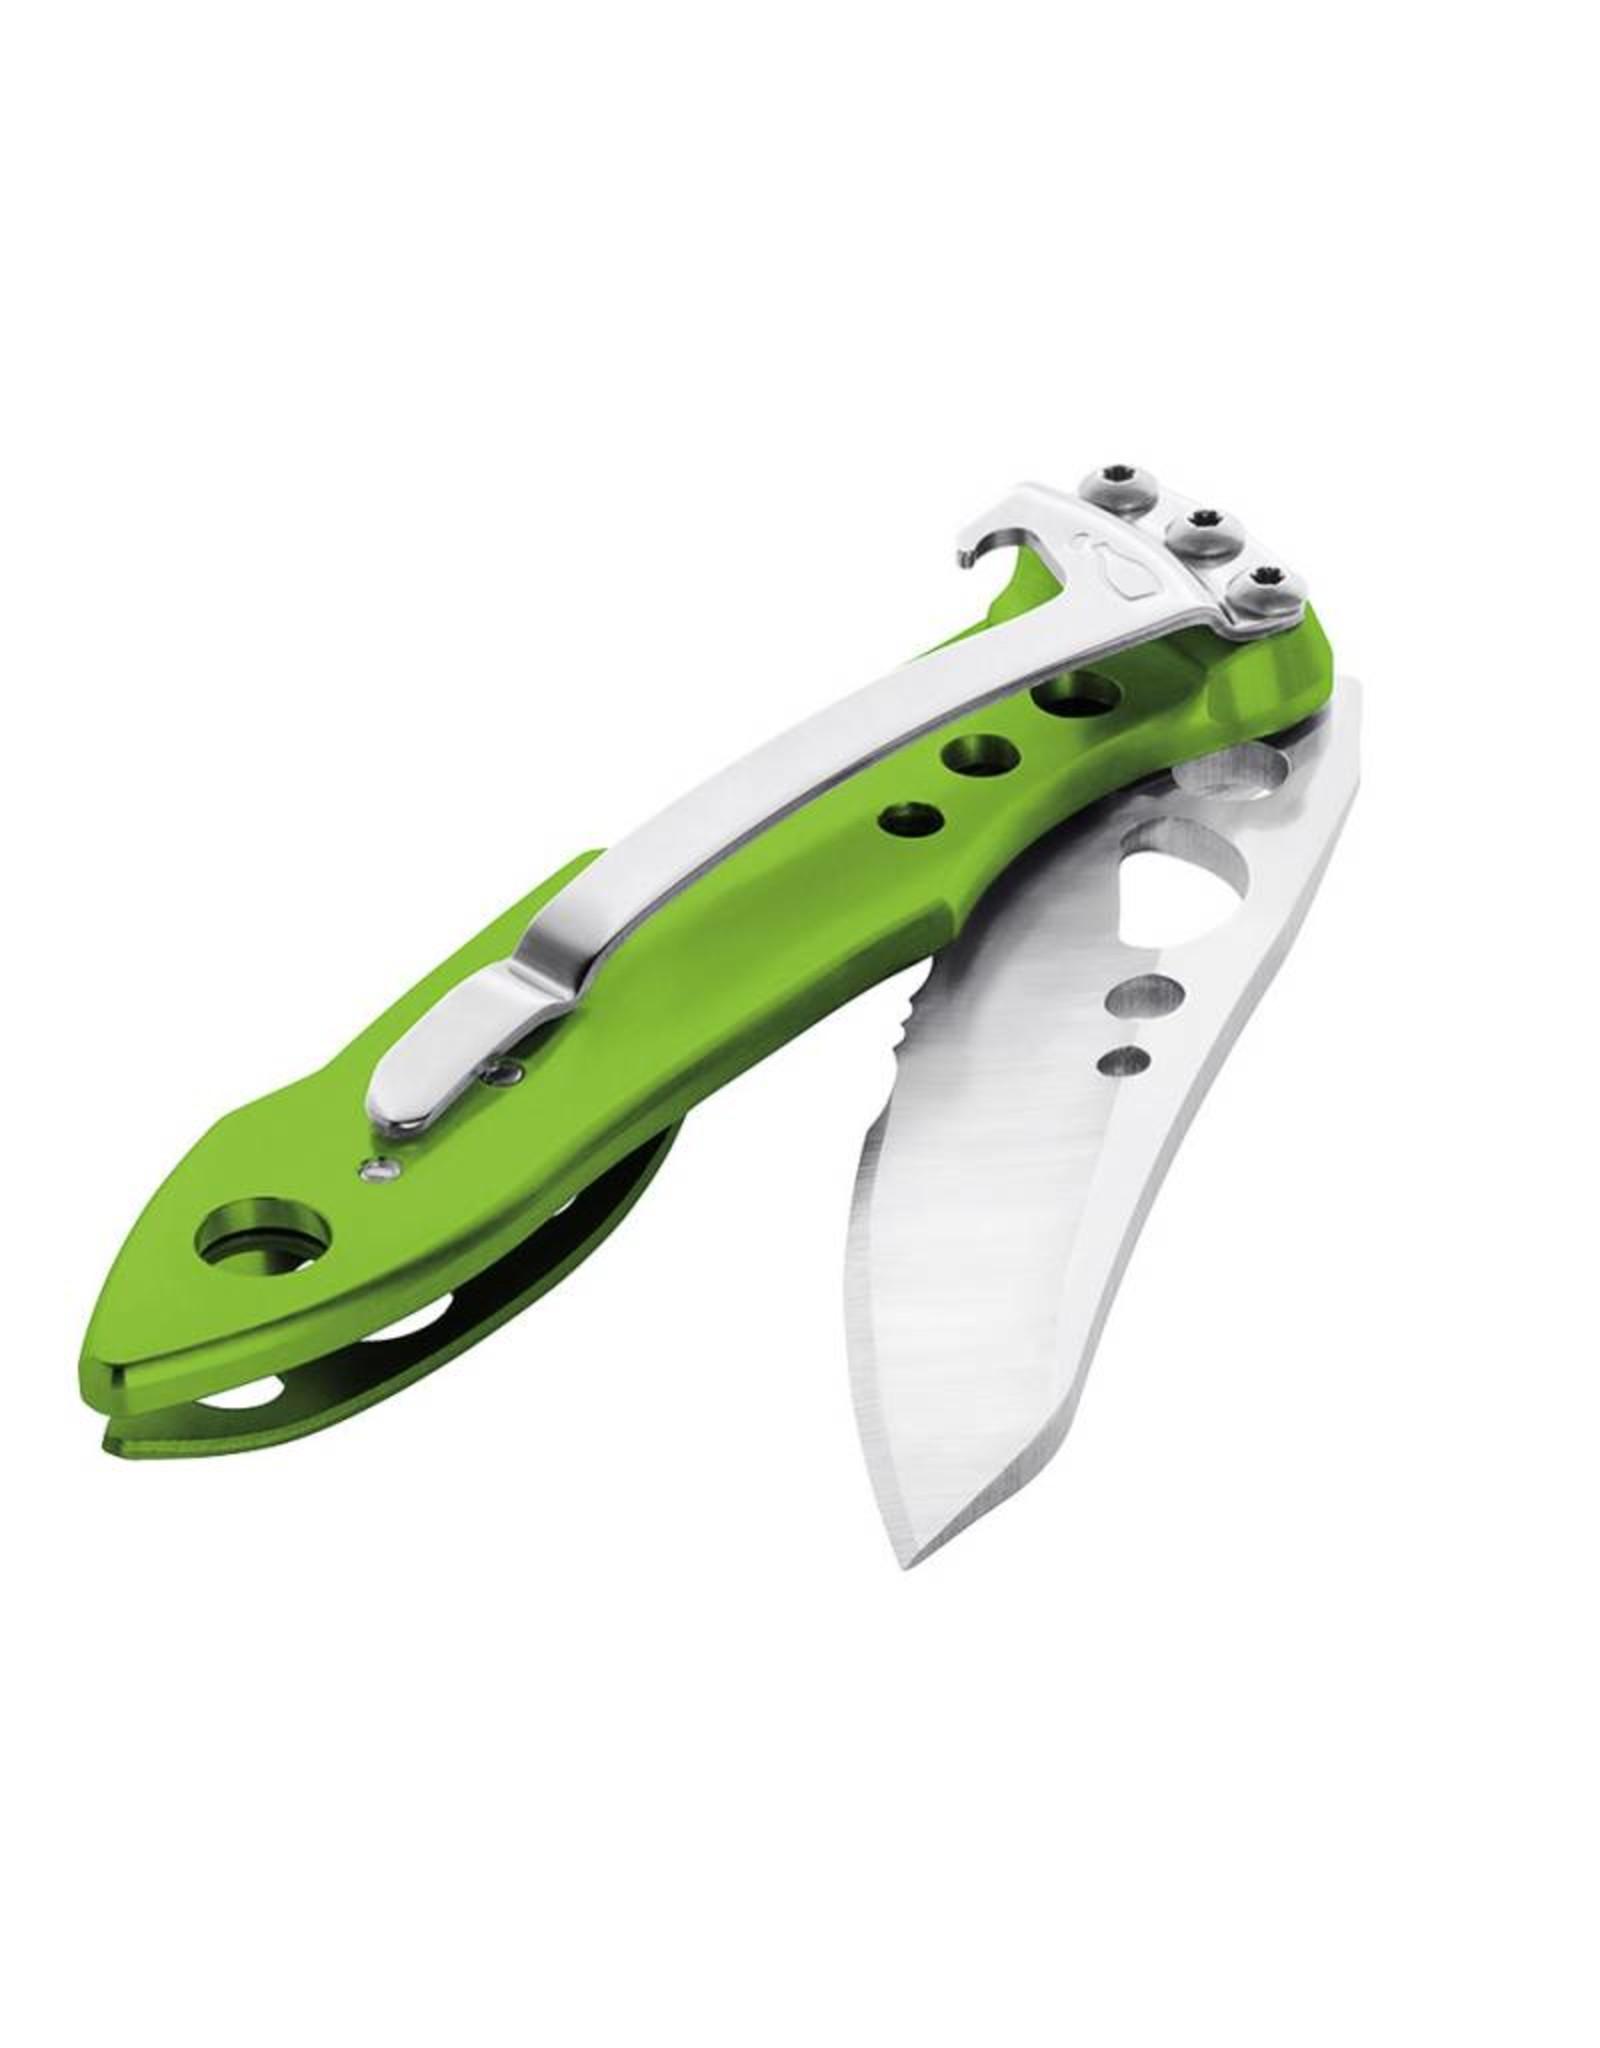 Leatherman Leatherman Skeletool KBx (Green)